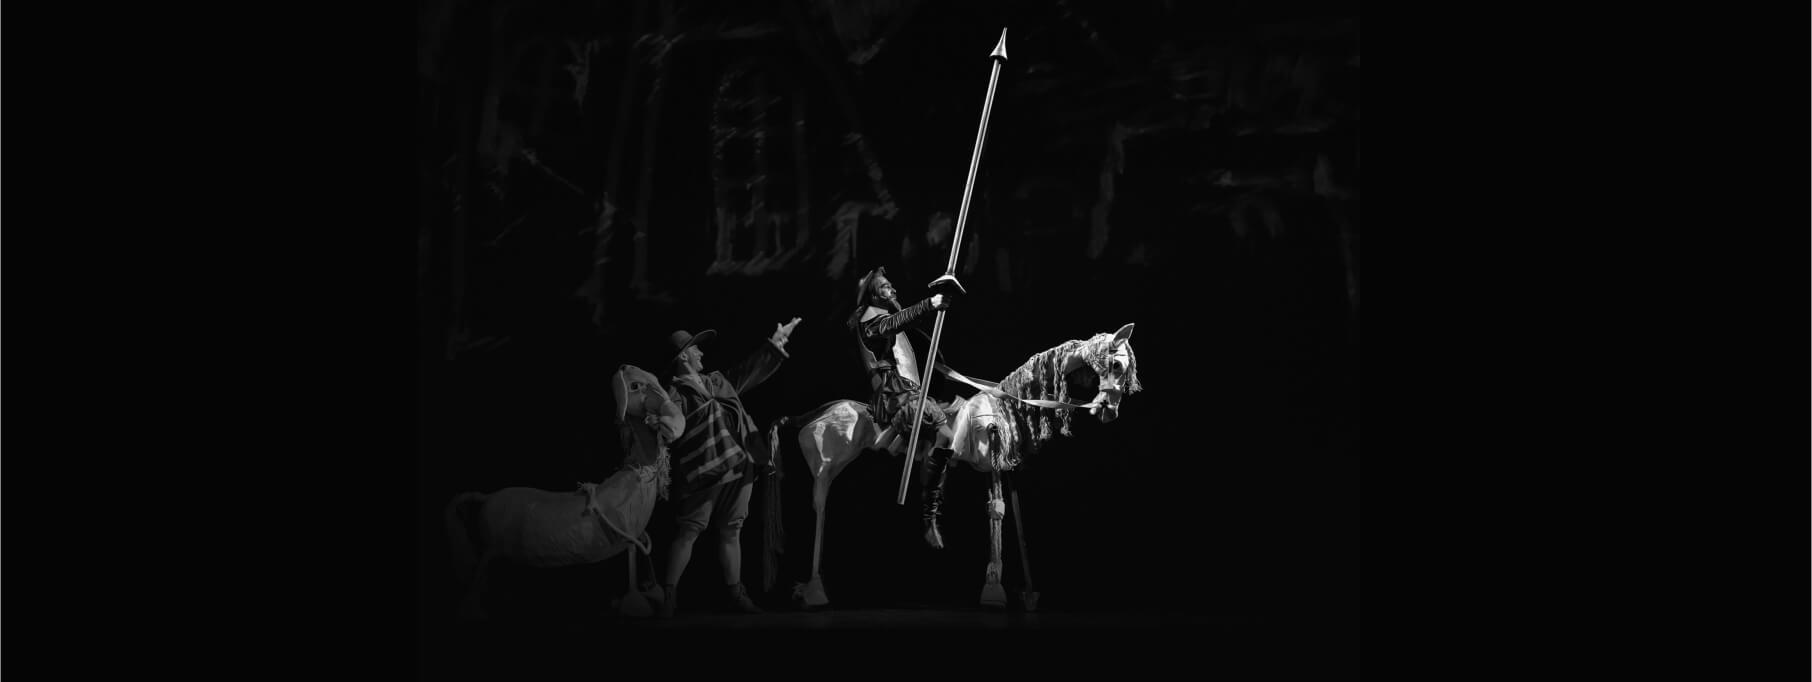 DON QUIJOTE REVINE! Fantezie și aventură într-un spectacol de balet unic!